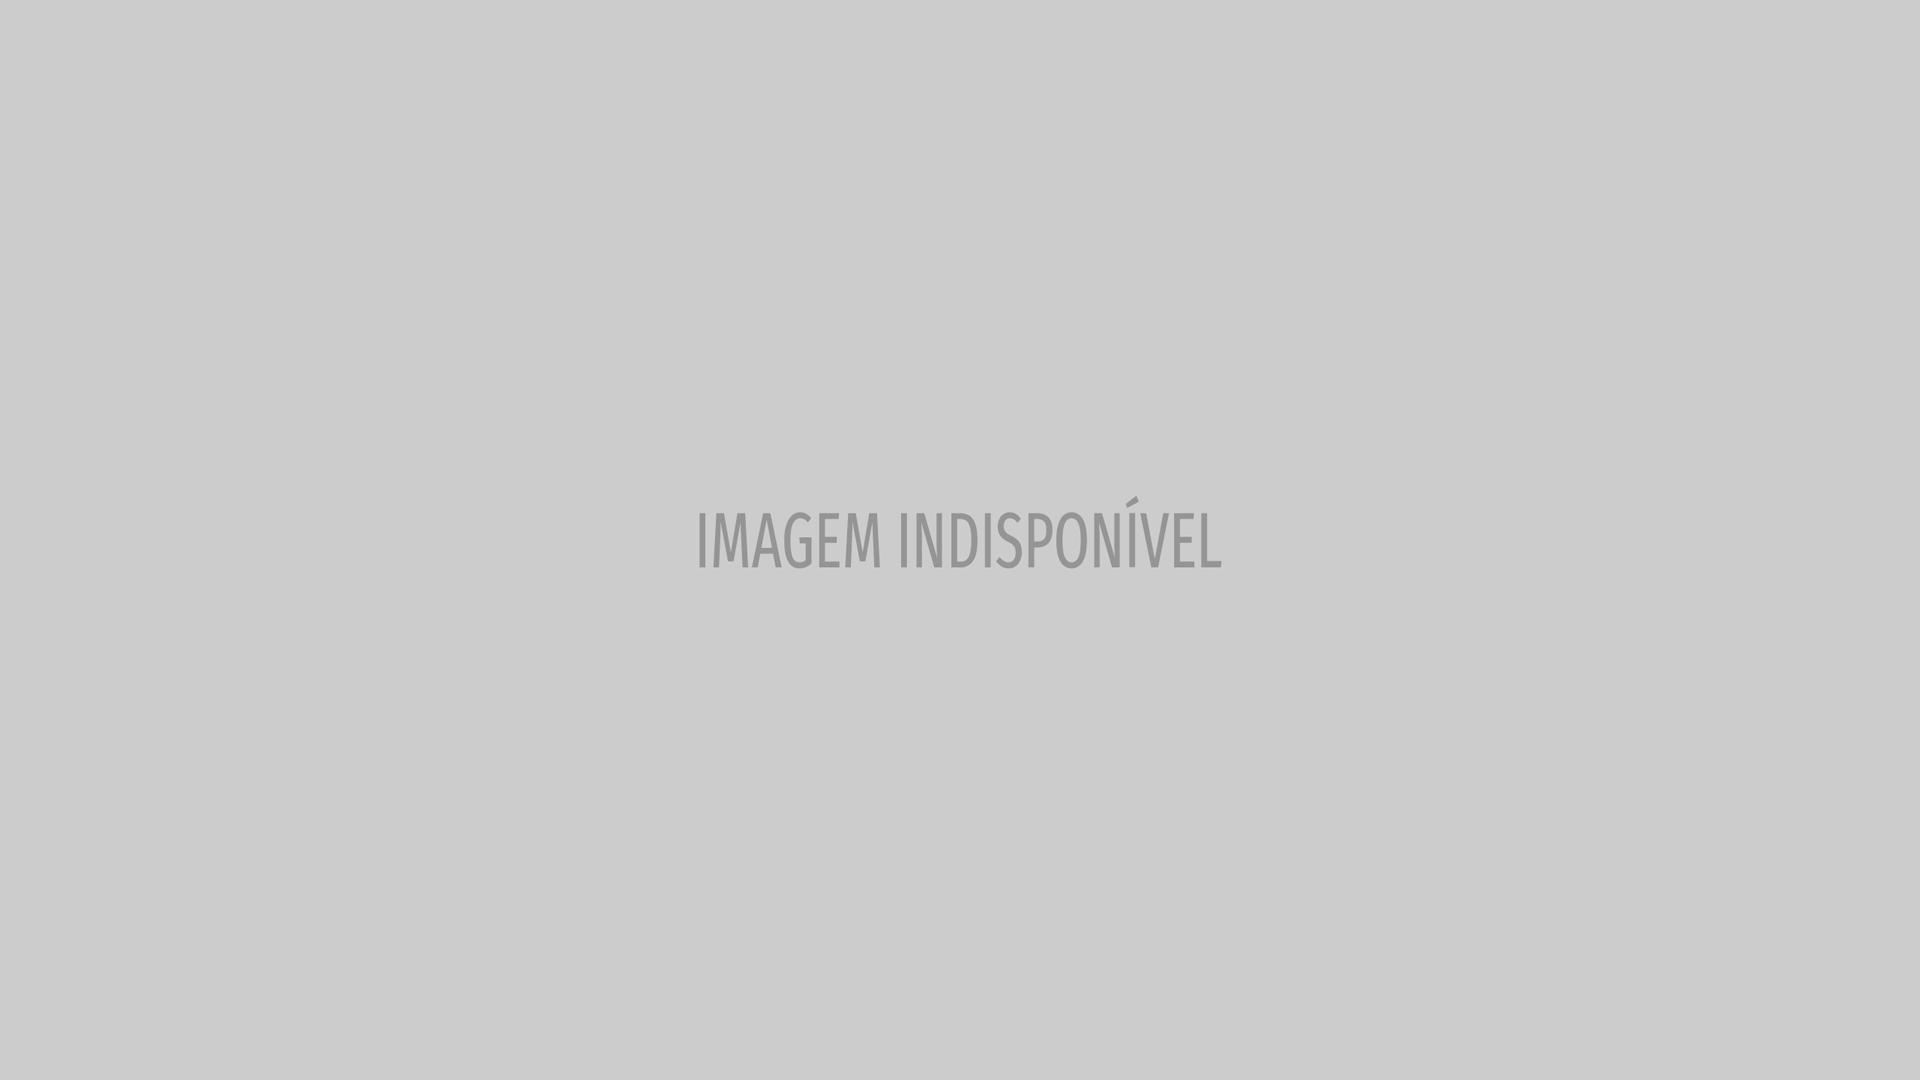 Modelo mexicana morre após ser submetida a duas cirurgias plásticas